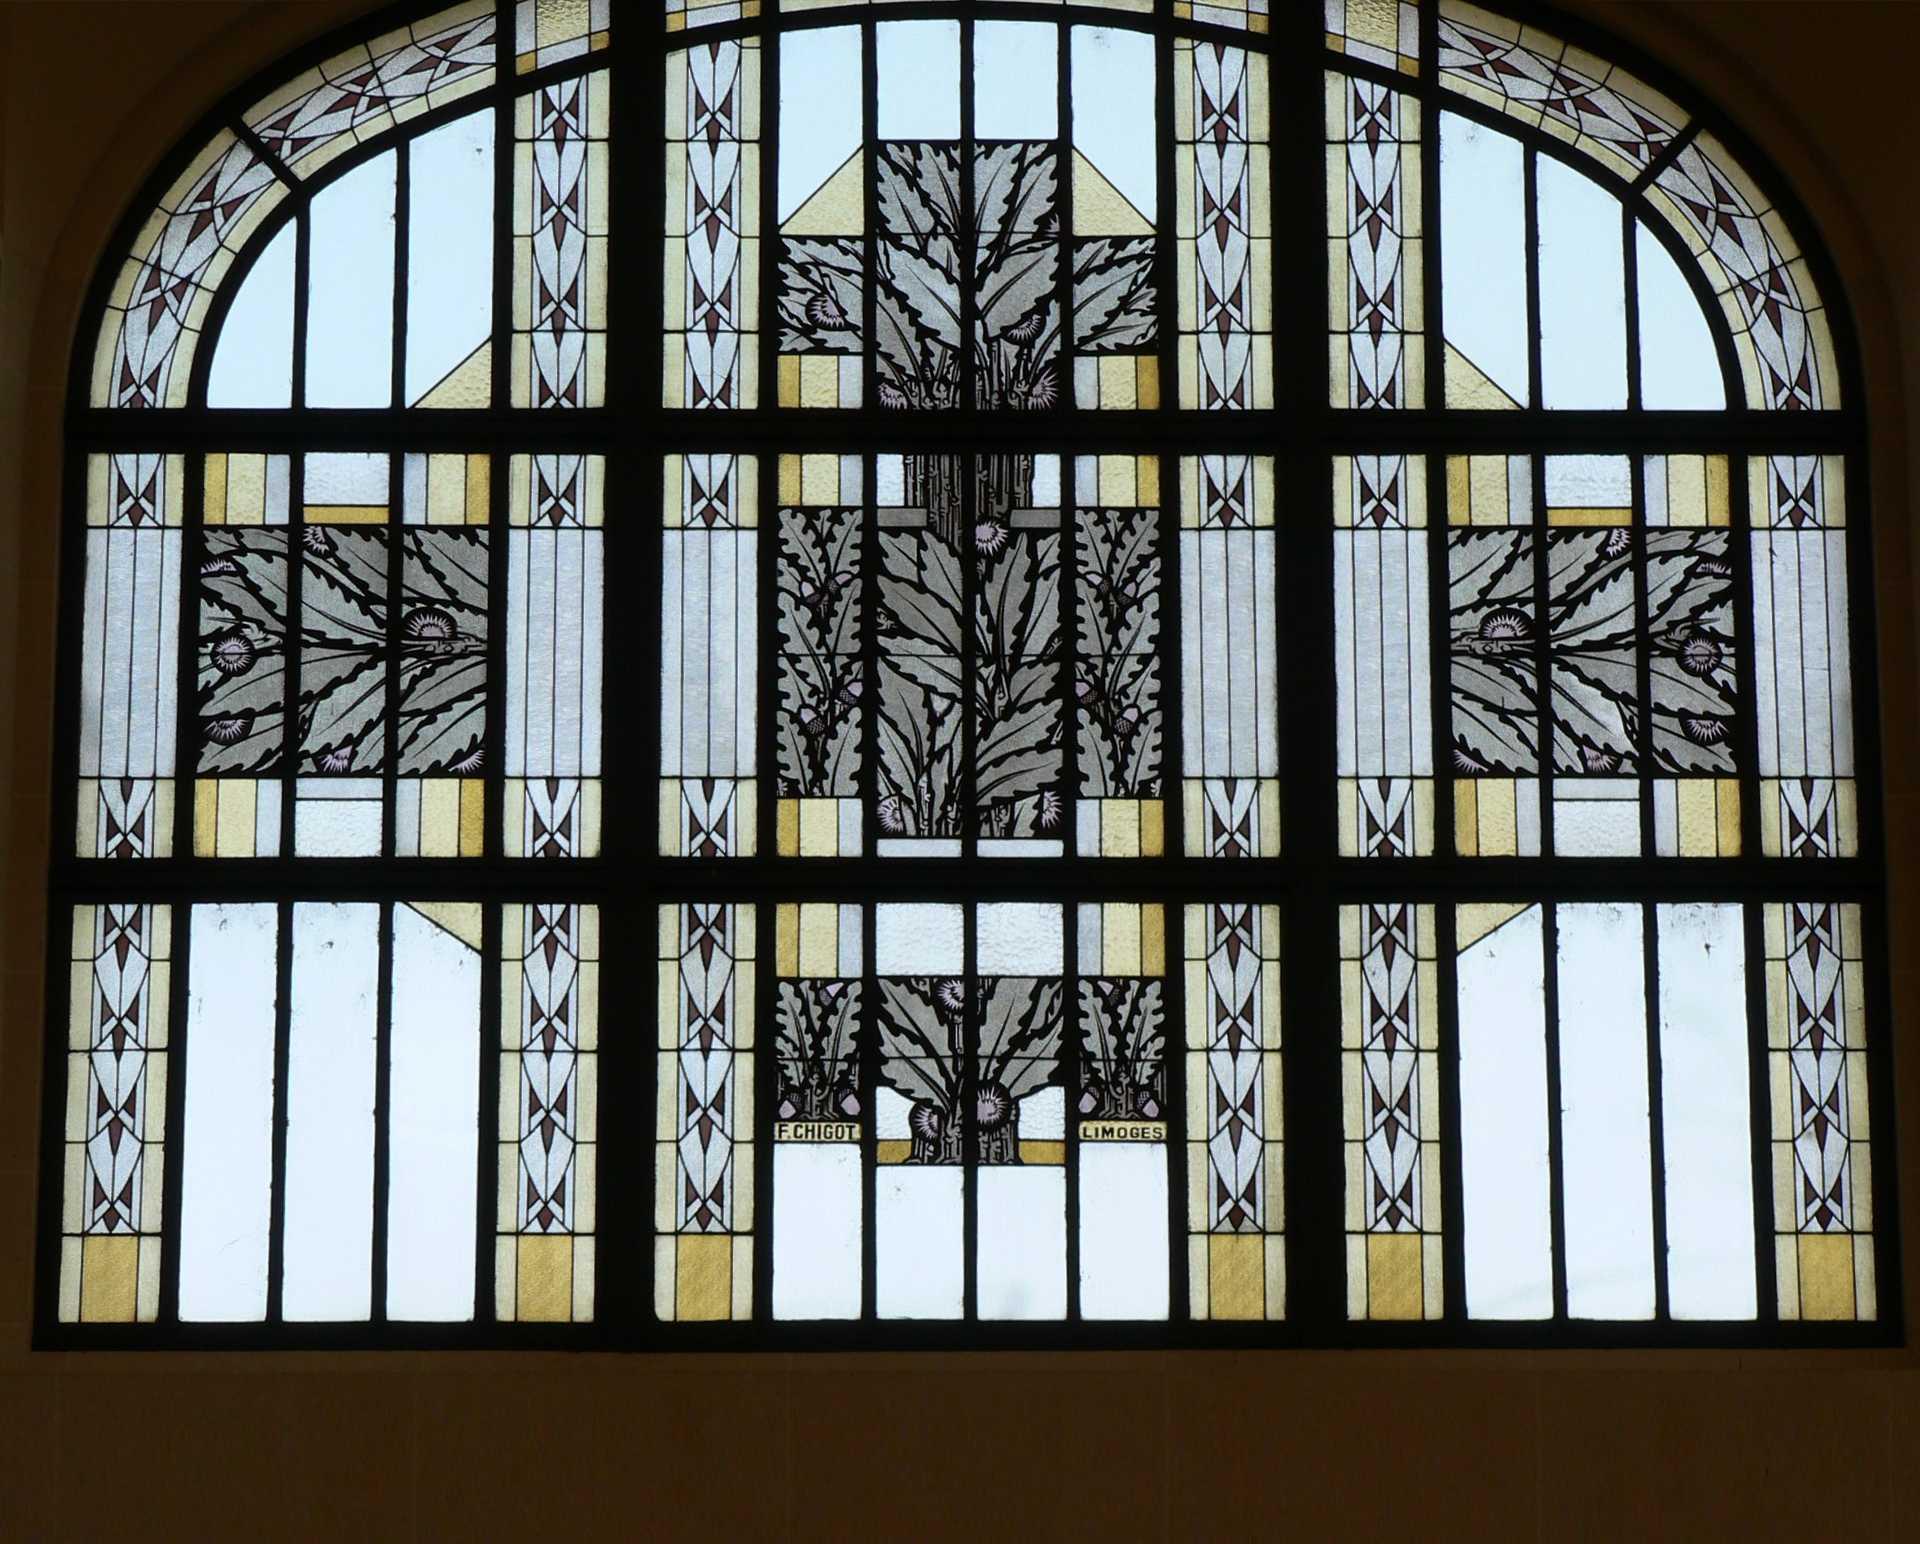 Verrières du Hall de la gare des Bénédictins, Limoges, Francis Chigot, 1927-1928